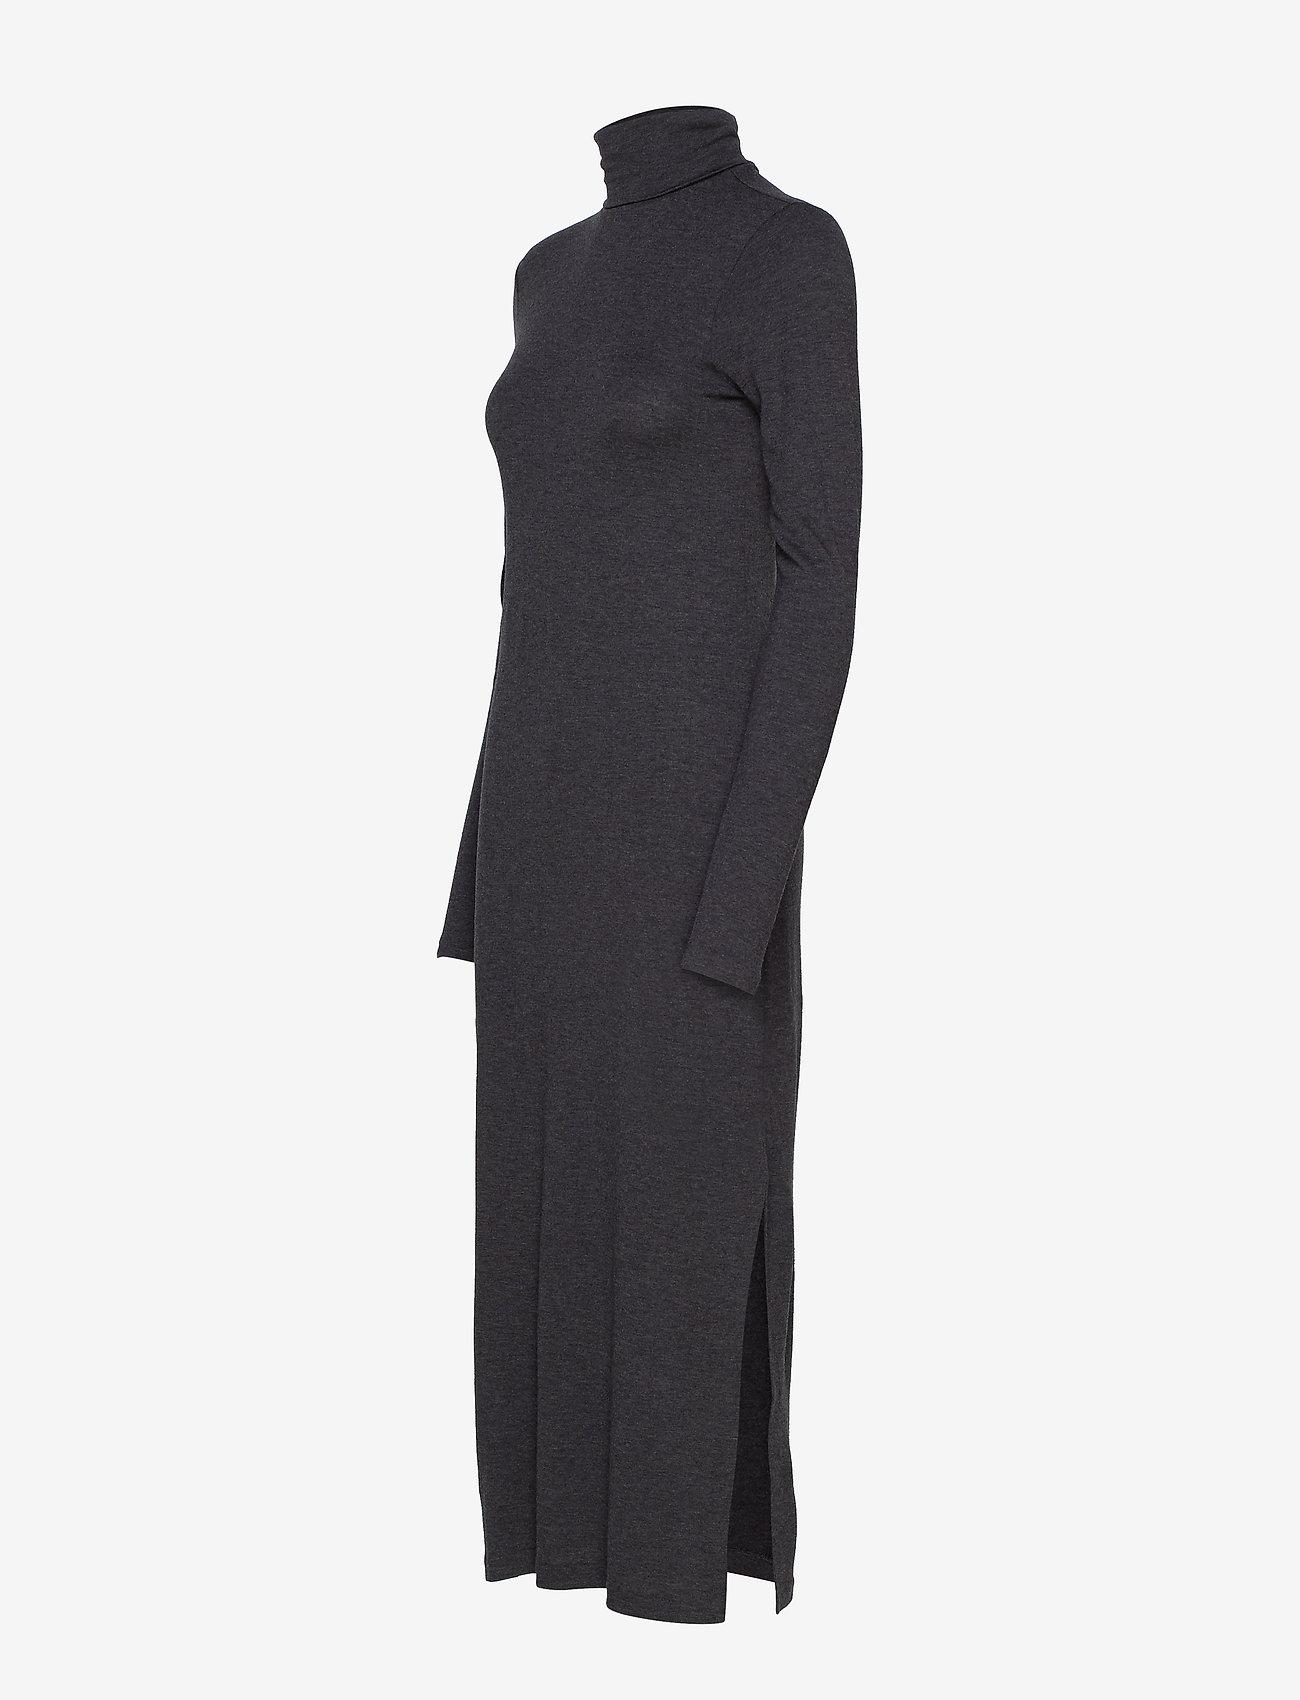 Polo Ralph Lauren WOOL JERSEY-LSL-CSD - Sukienki ONYX HEATHER - Kobiety Odzież.